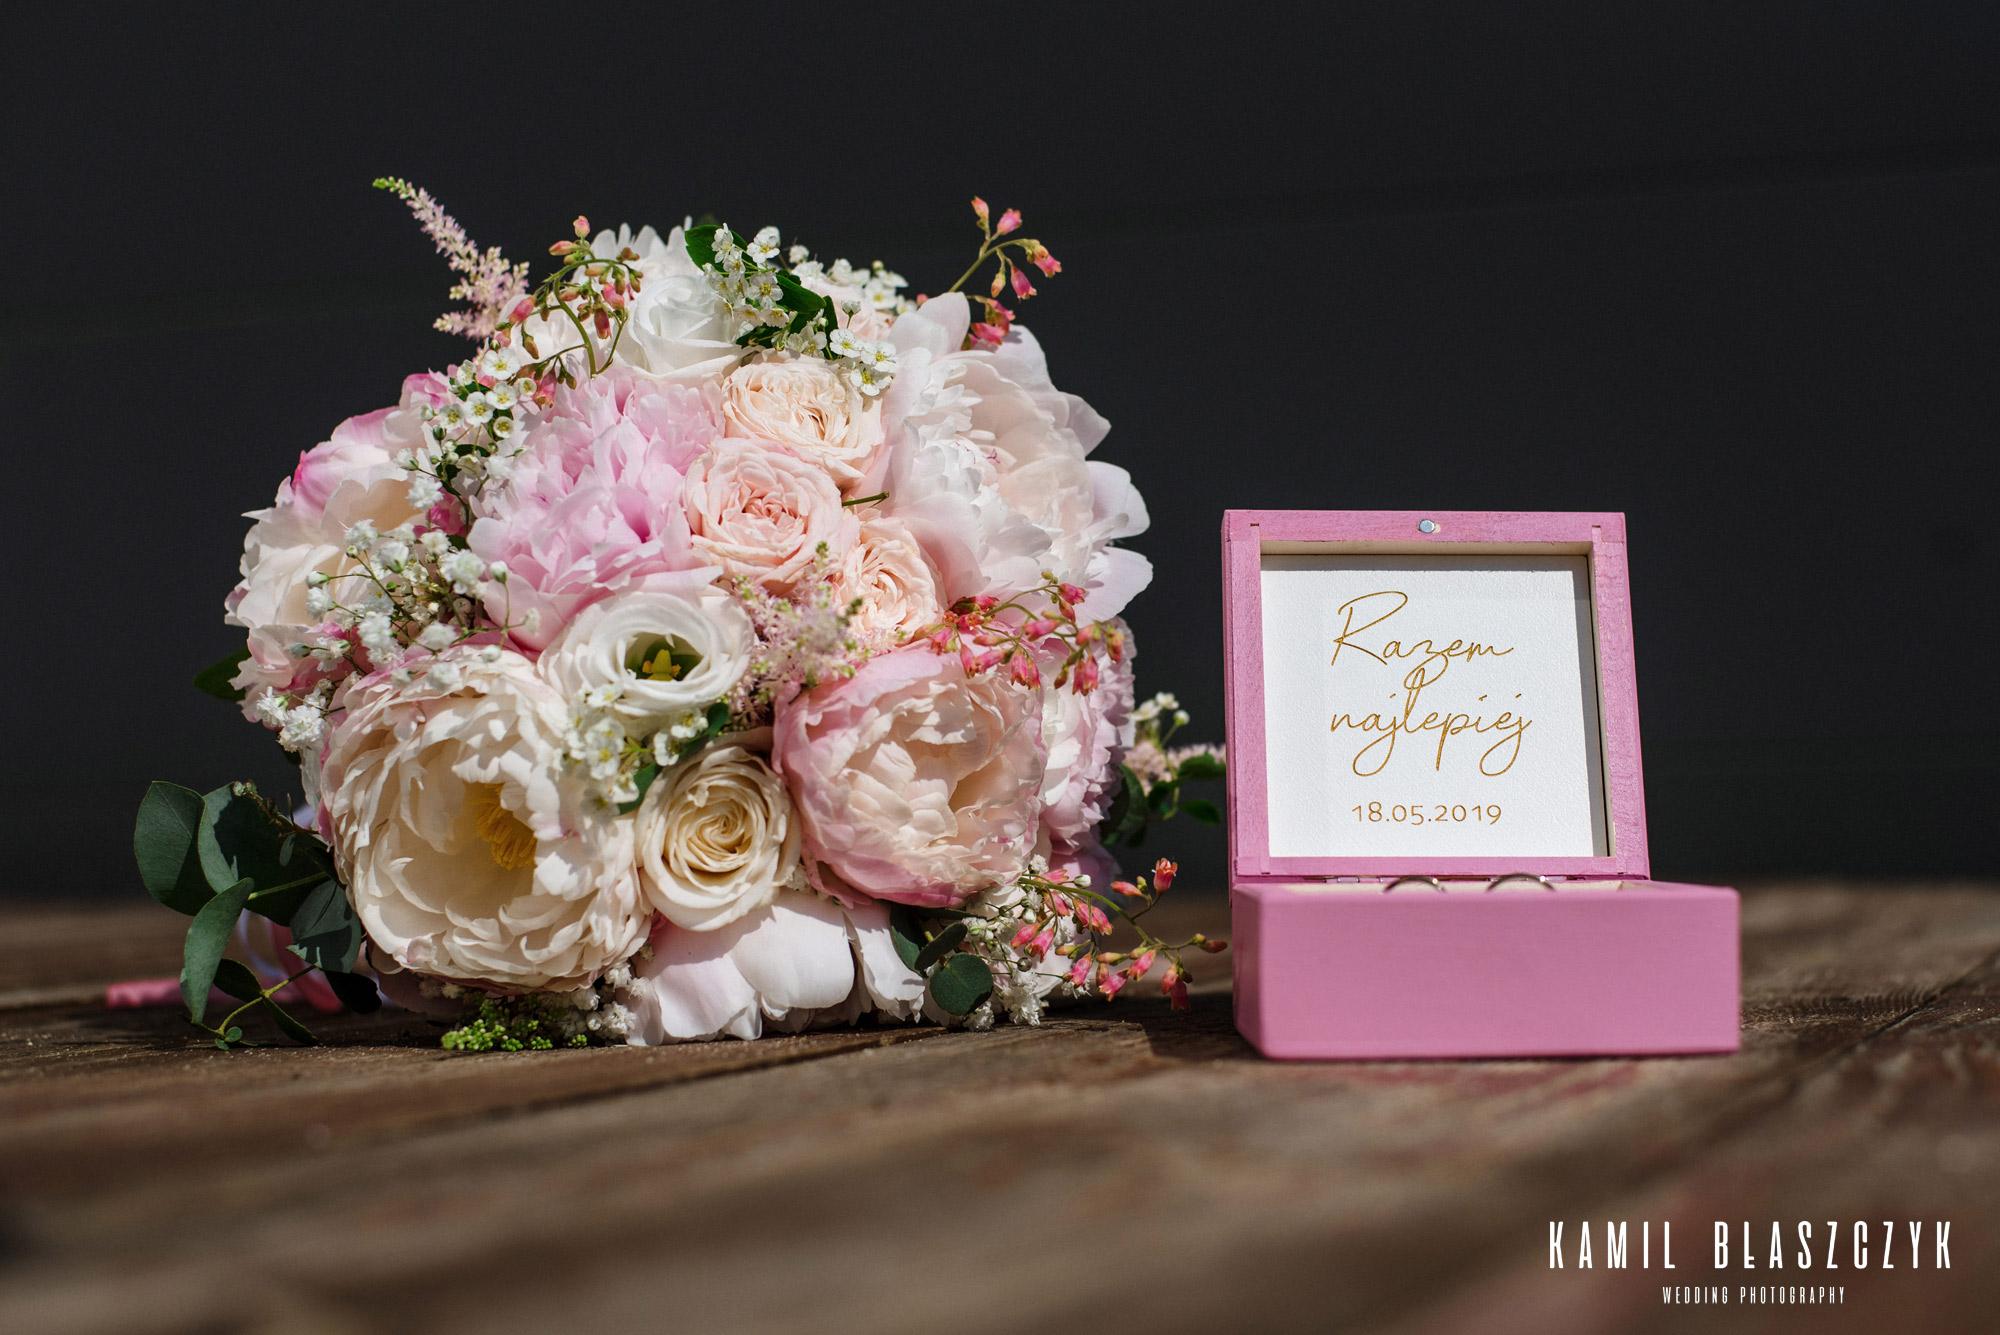 Przygotowania do ślubu, zdjęcia bukietu i obrączek